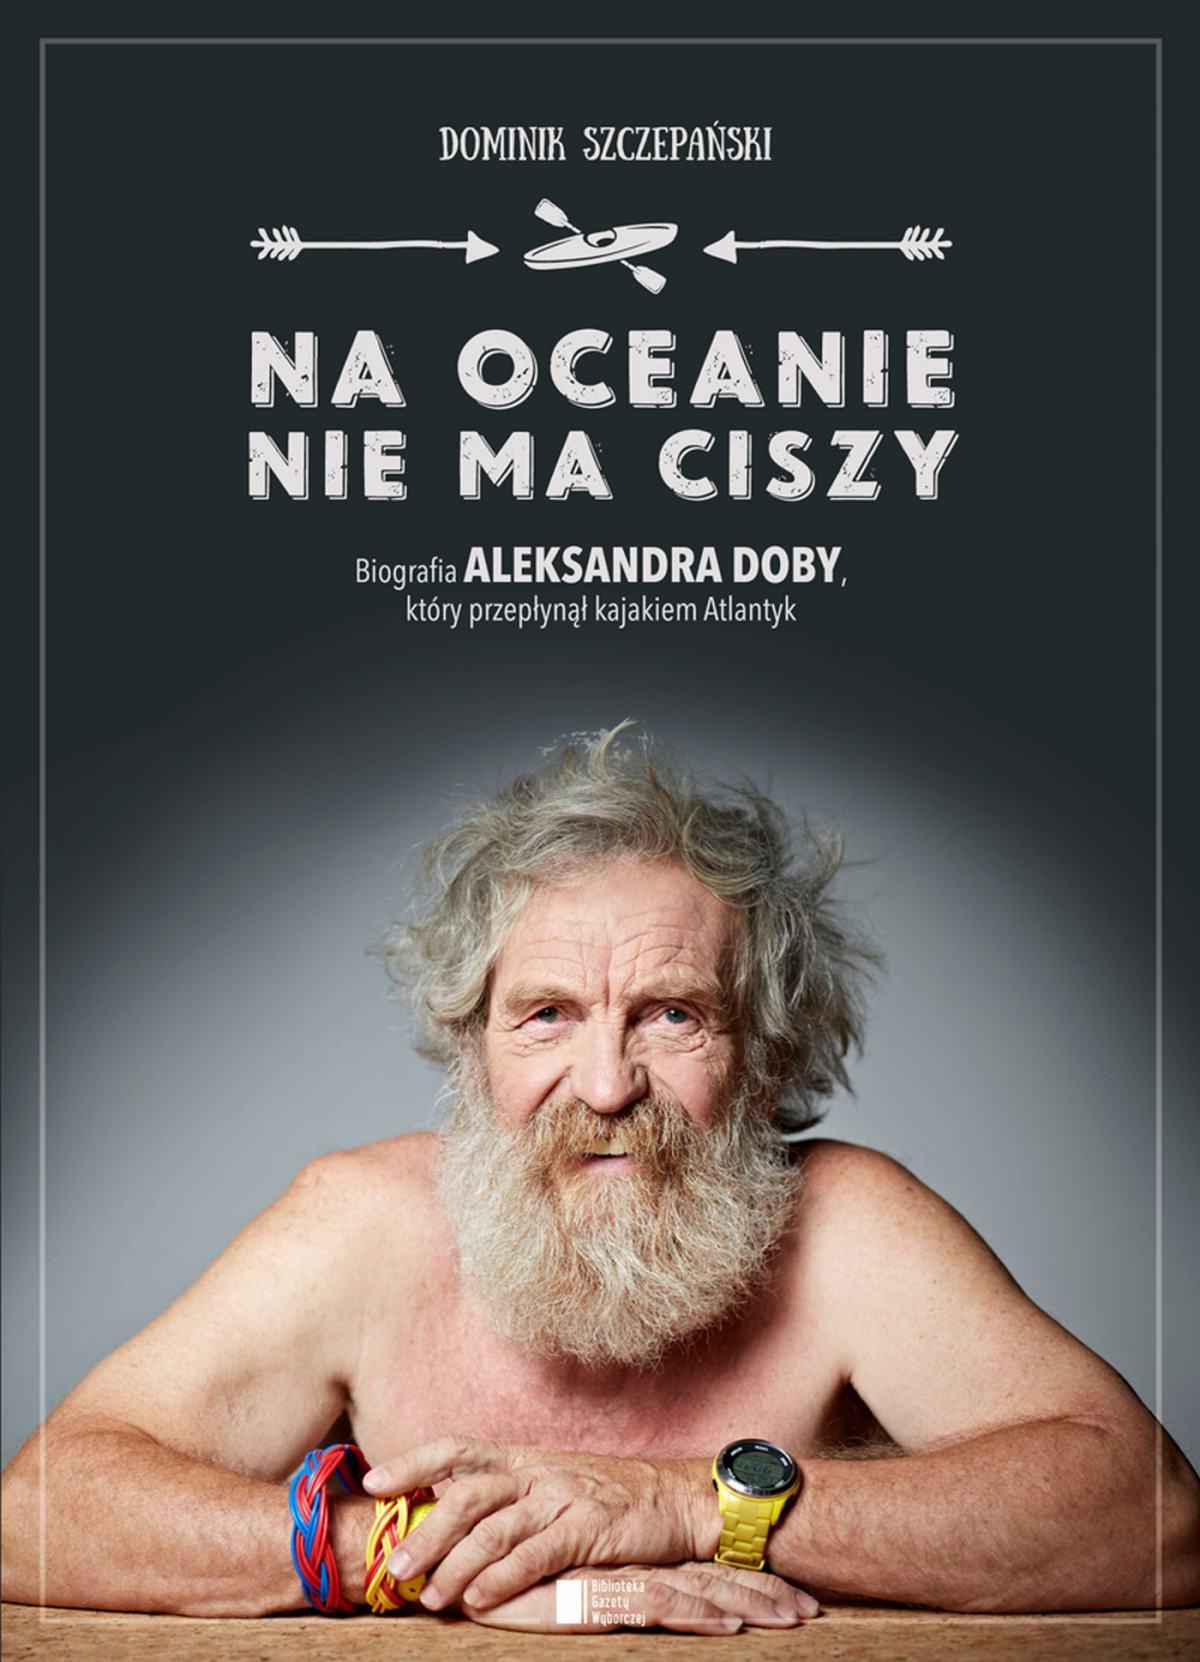 Na oceanie nie ma ciszy. Biografia Aleksandra Doby, który przepłynął kajakiem Atlantyk. - Ebook (Książka EPUB) do pobrania w formacie EPUB